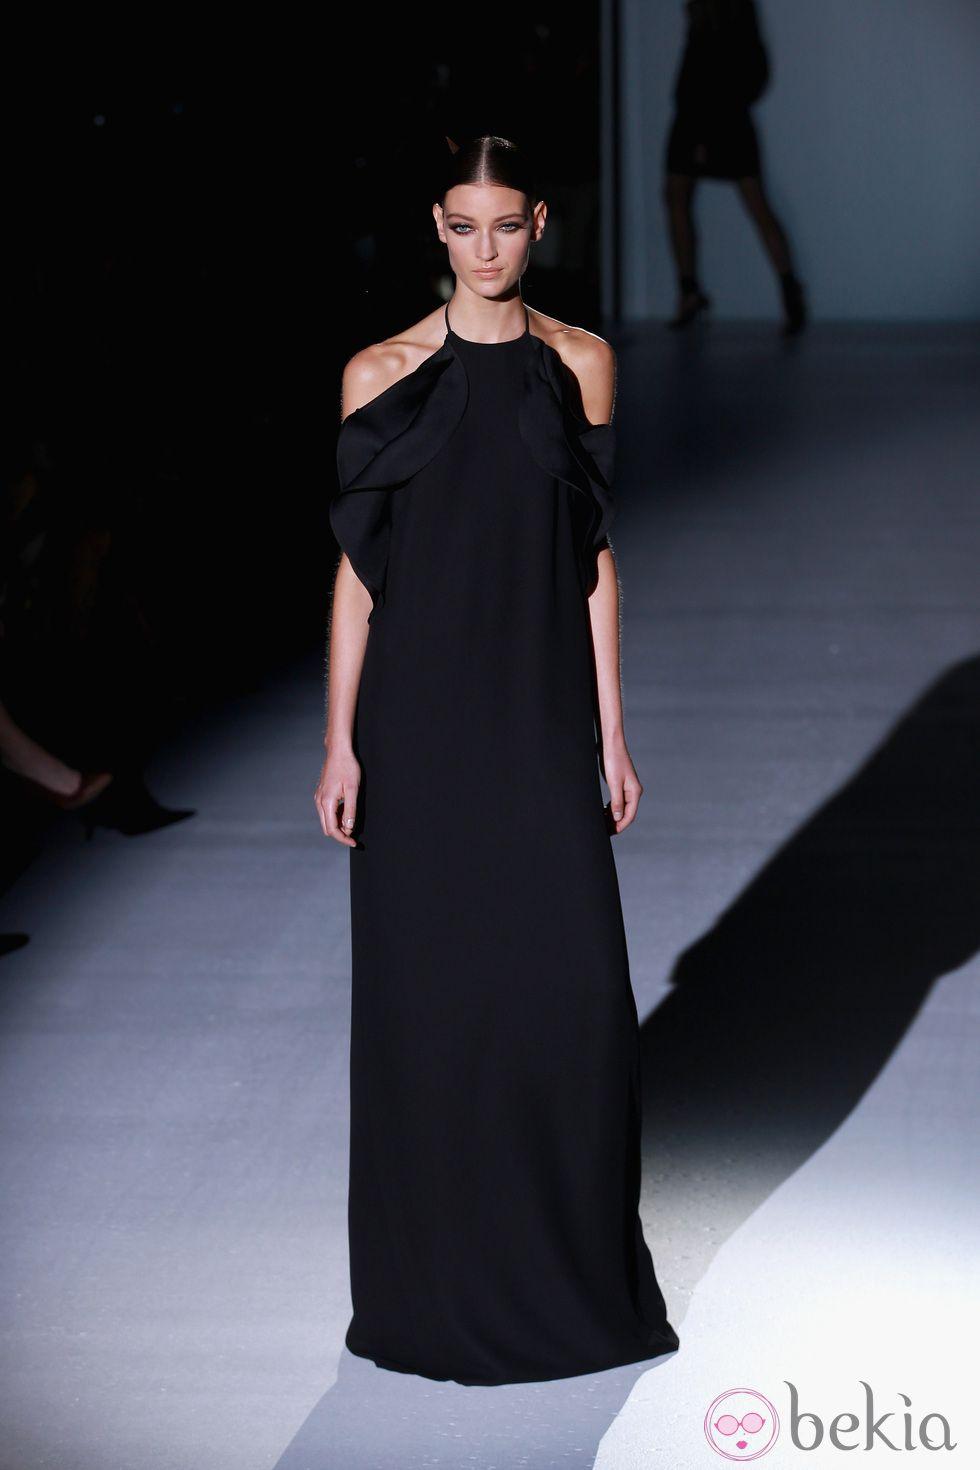 1e82fb2f32 Vestido largo negro con aberturas en los hombros de Gucci en la Semana de  la Moda de Milán primavera verano 2013